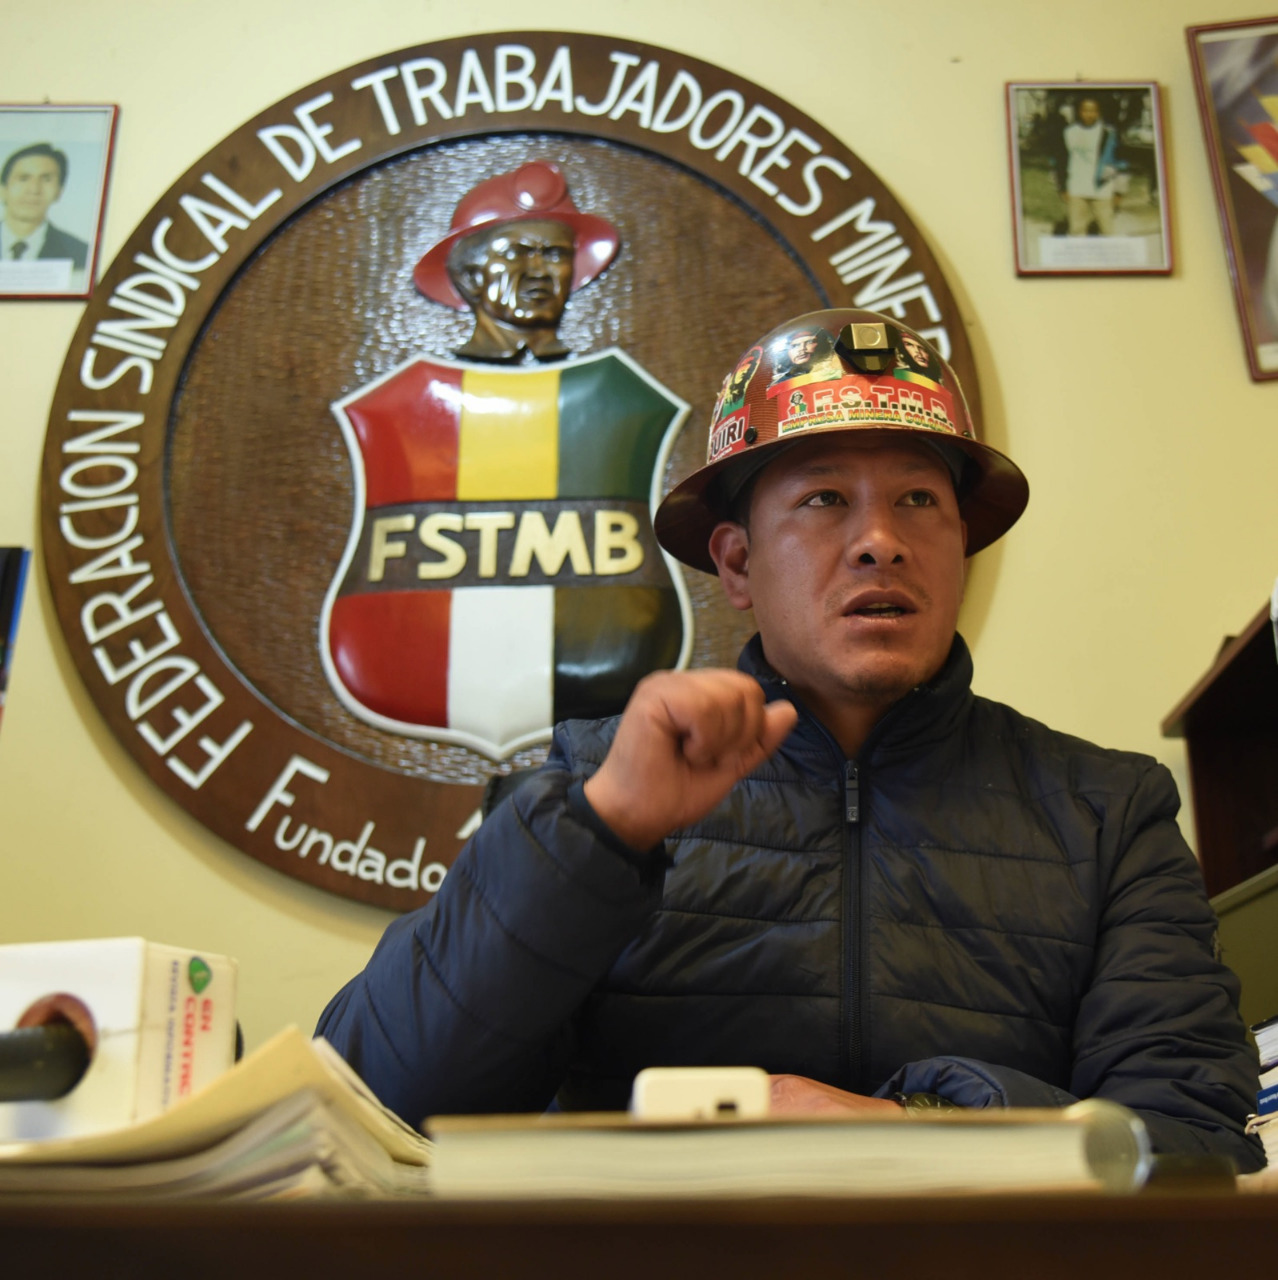 URGENTE: La muerte de Orlando Gutiérrez genera conmoción en Bolivia. Por Gustavo Veiga para Página 12 – Comité de Solidaridad con los Pueblos Latinoamericanos